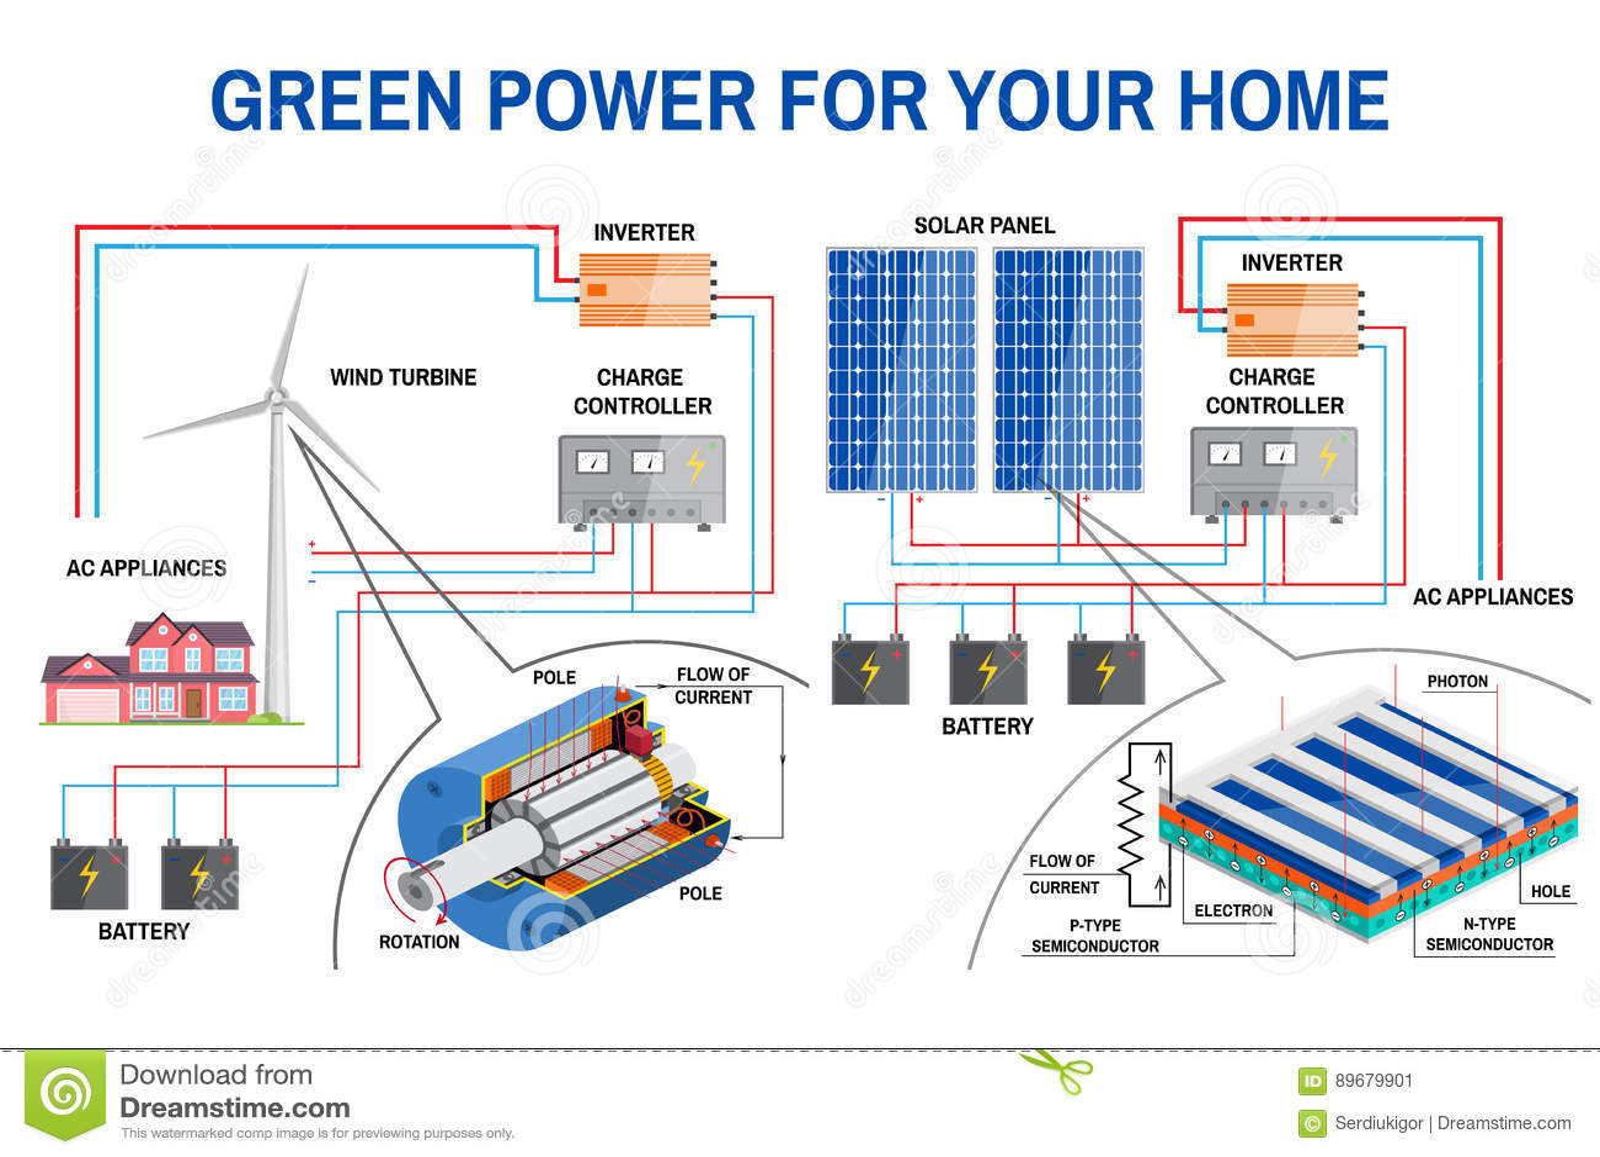 Fein Schema Für Solarpanelsystem Bilder - Elektrische Schaltplan ...